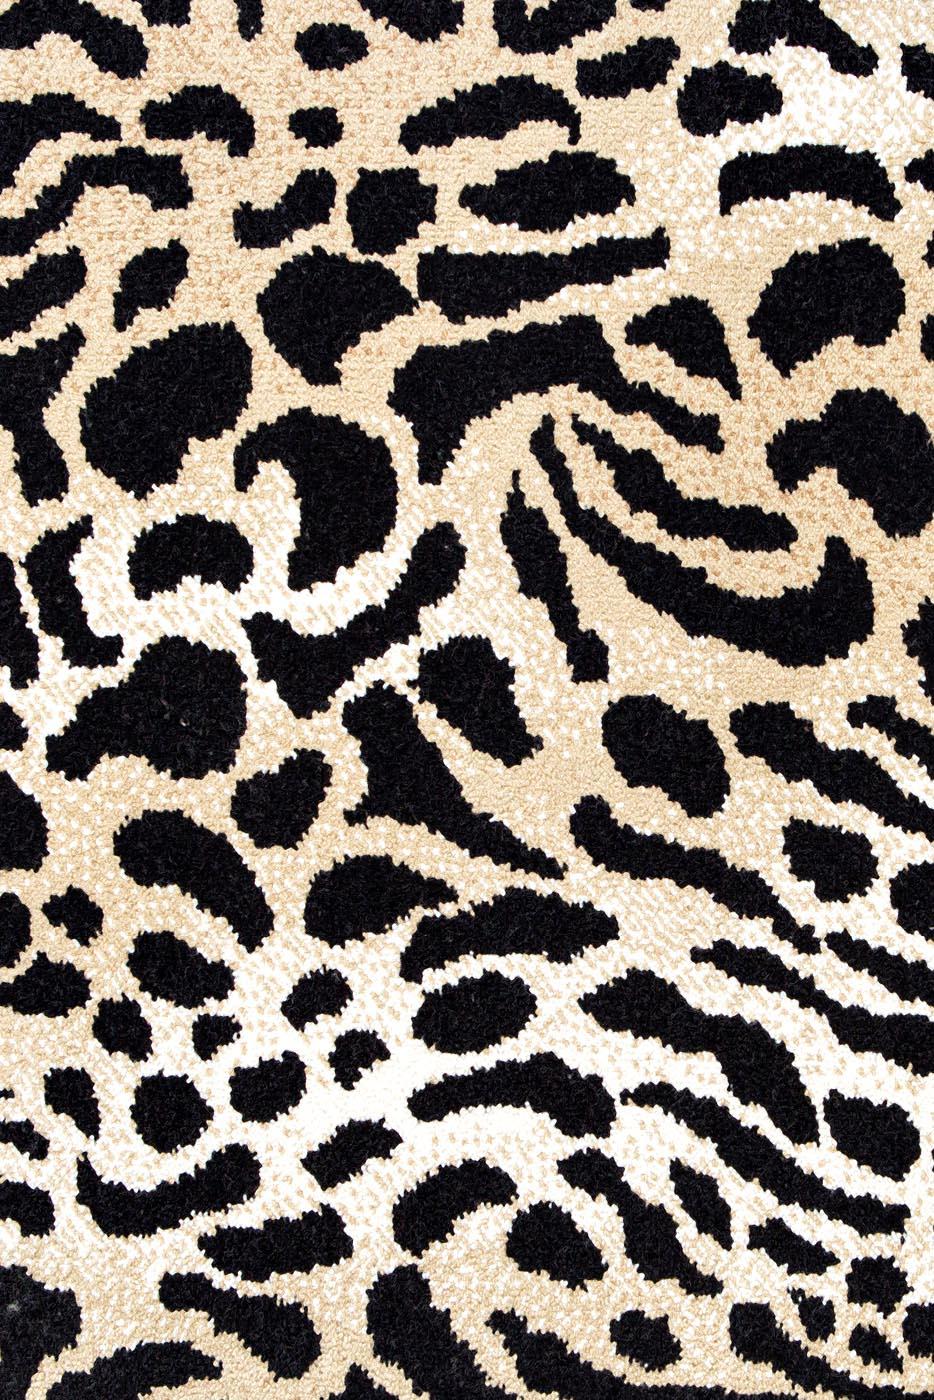 Carpet - Moquette Leopard by Pinton